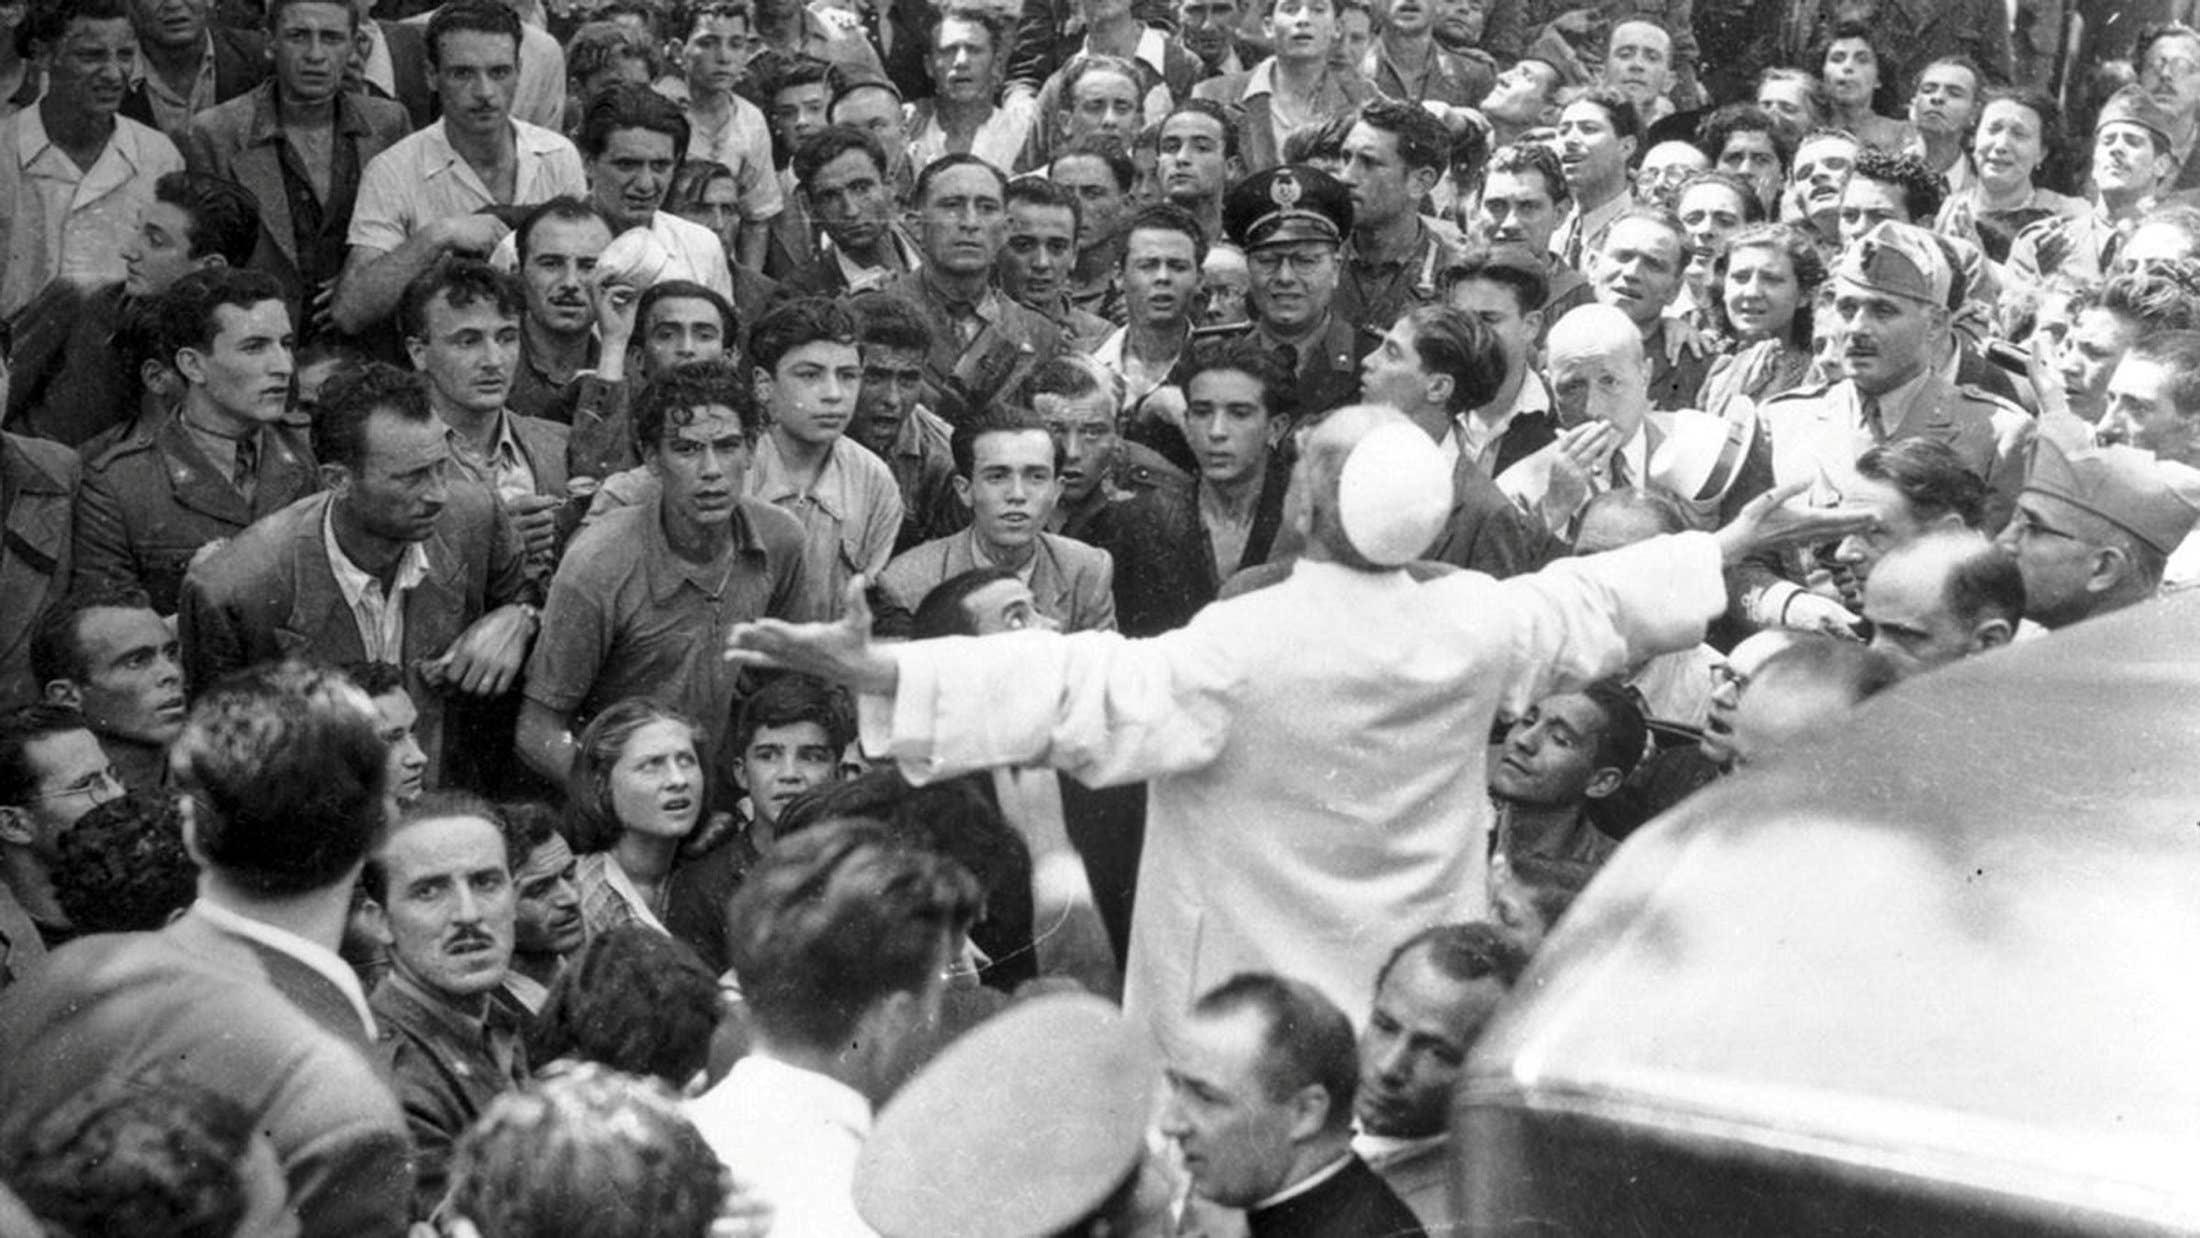 Обнародованы новые факты помощи Ватикана сбежавшим военнопленным в годы Второй мировой войны